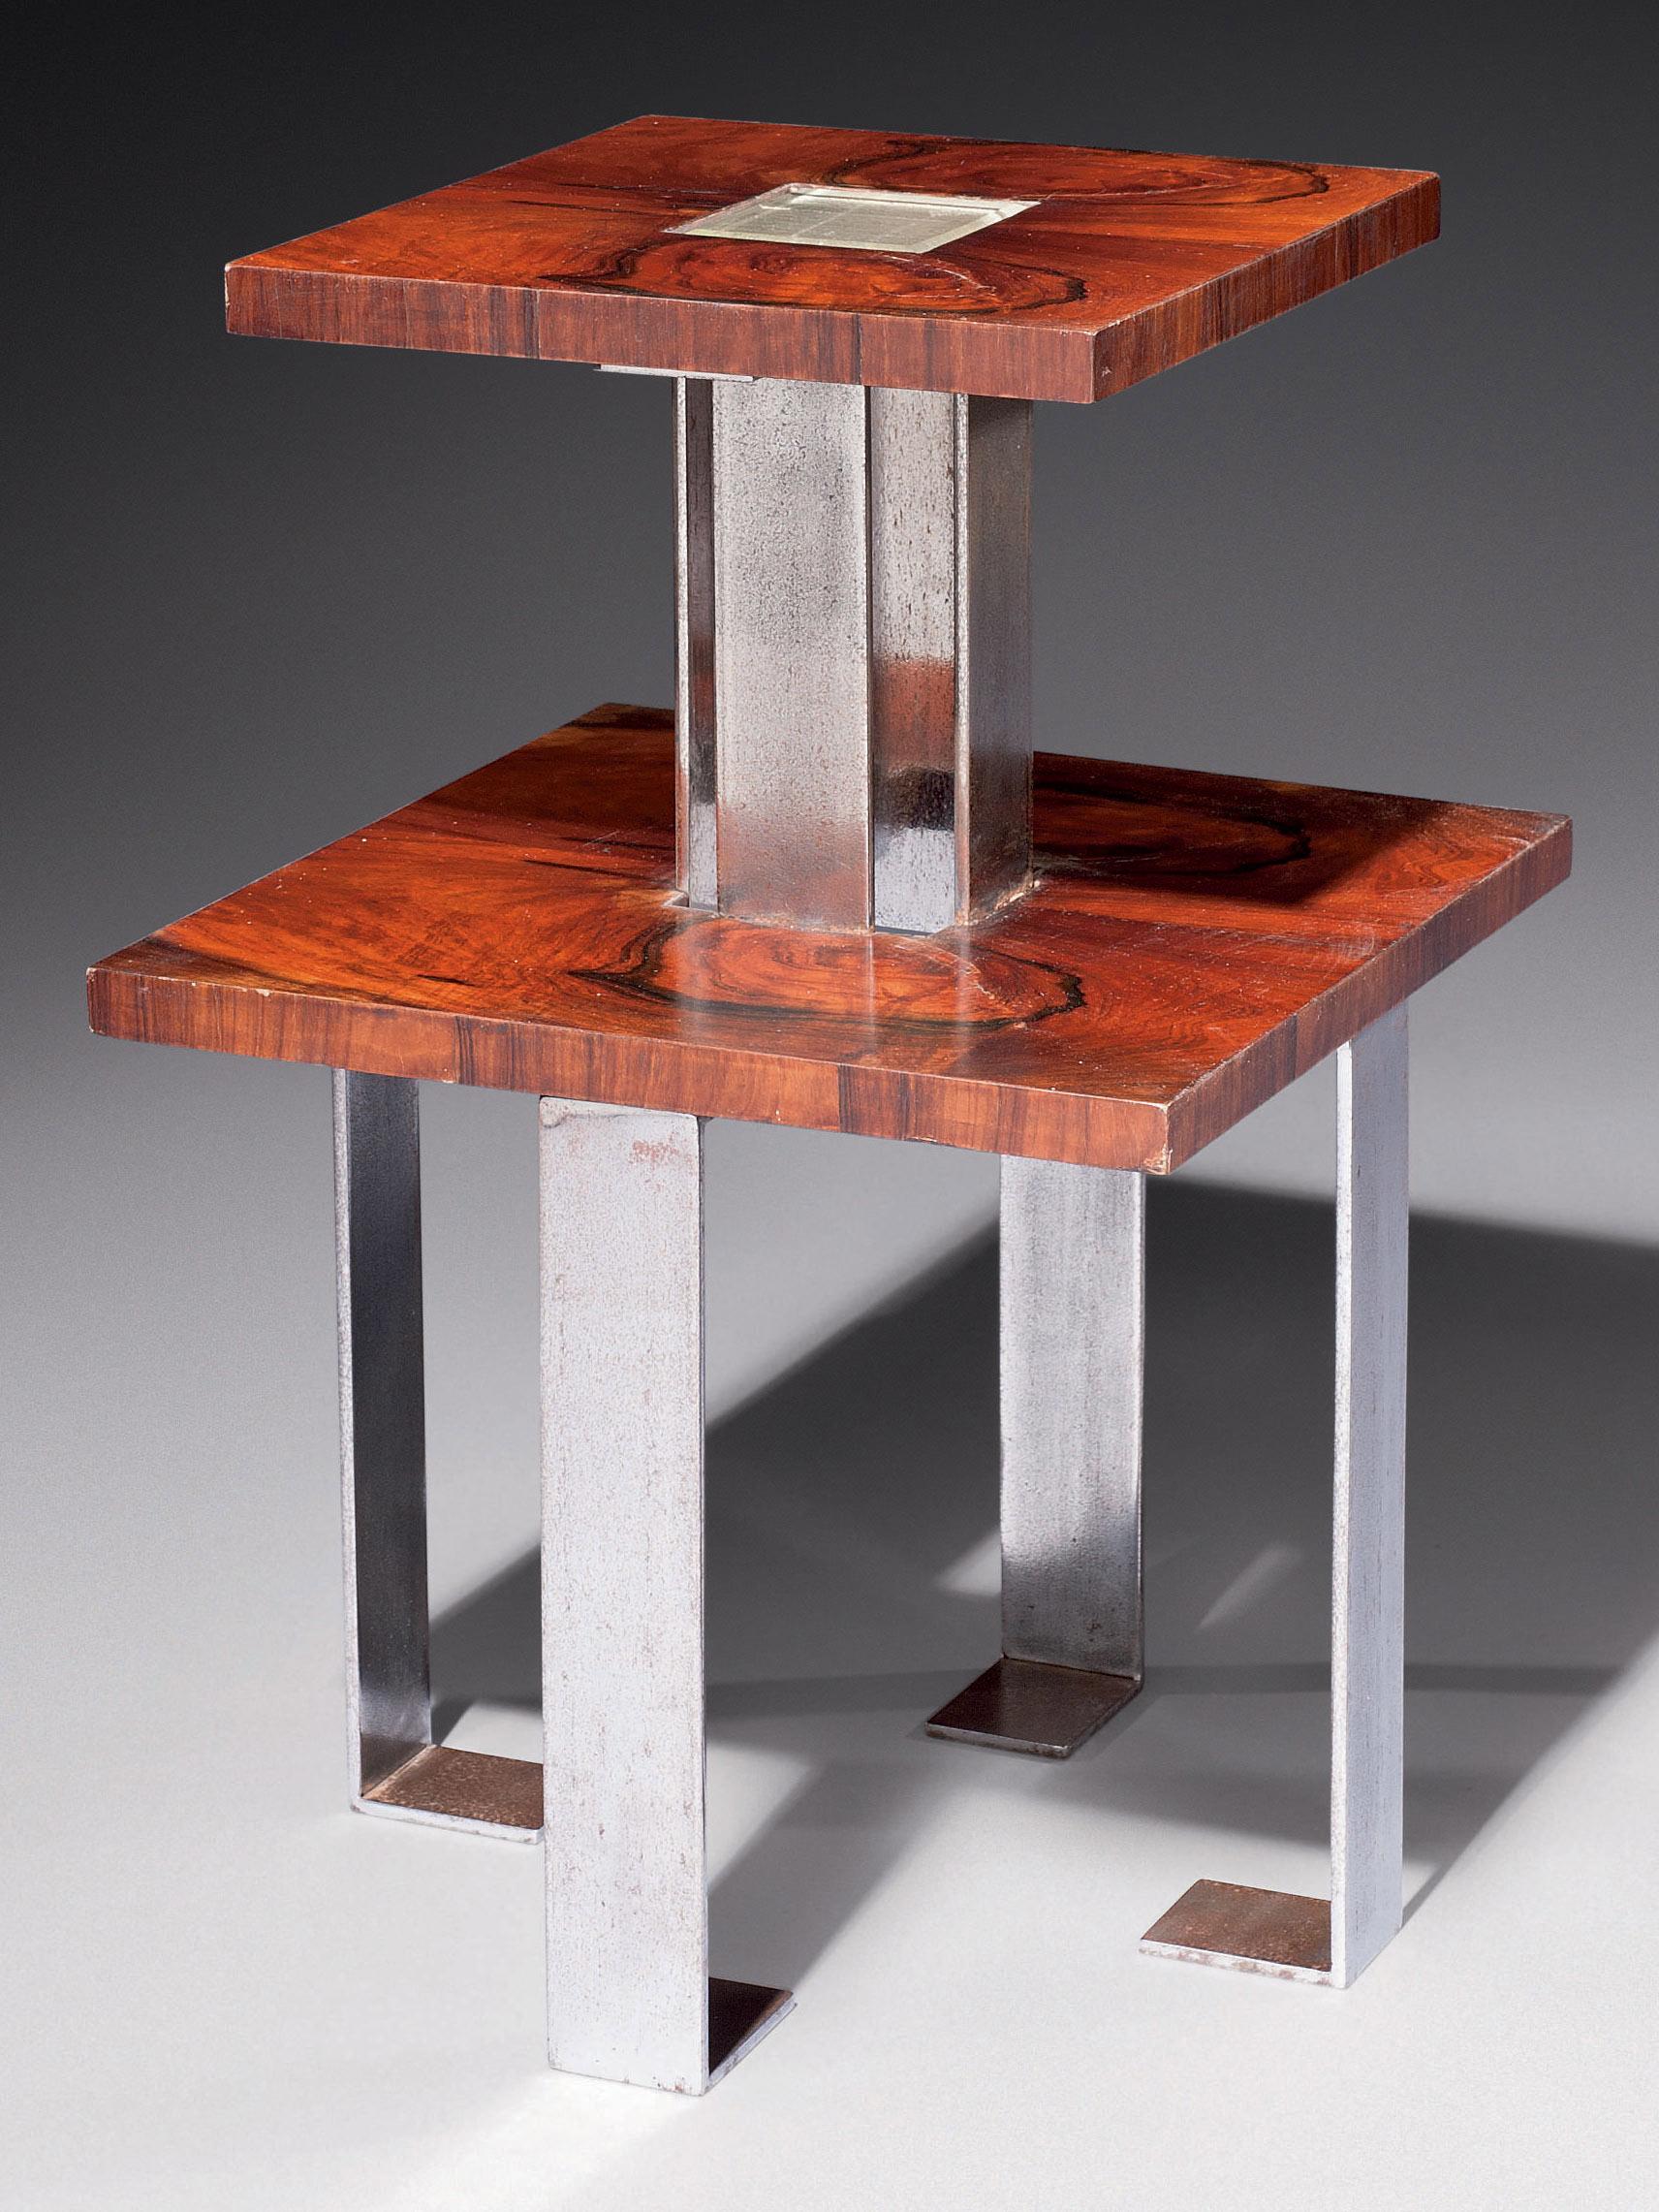 travail fran ais gu ridon moderniste ann es 1930 christie 39 s. Black Bedroom Furniture Sets. Home Design Ideas